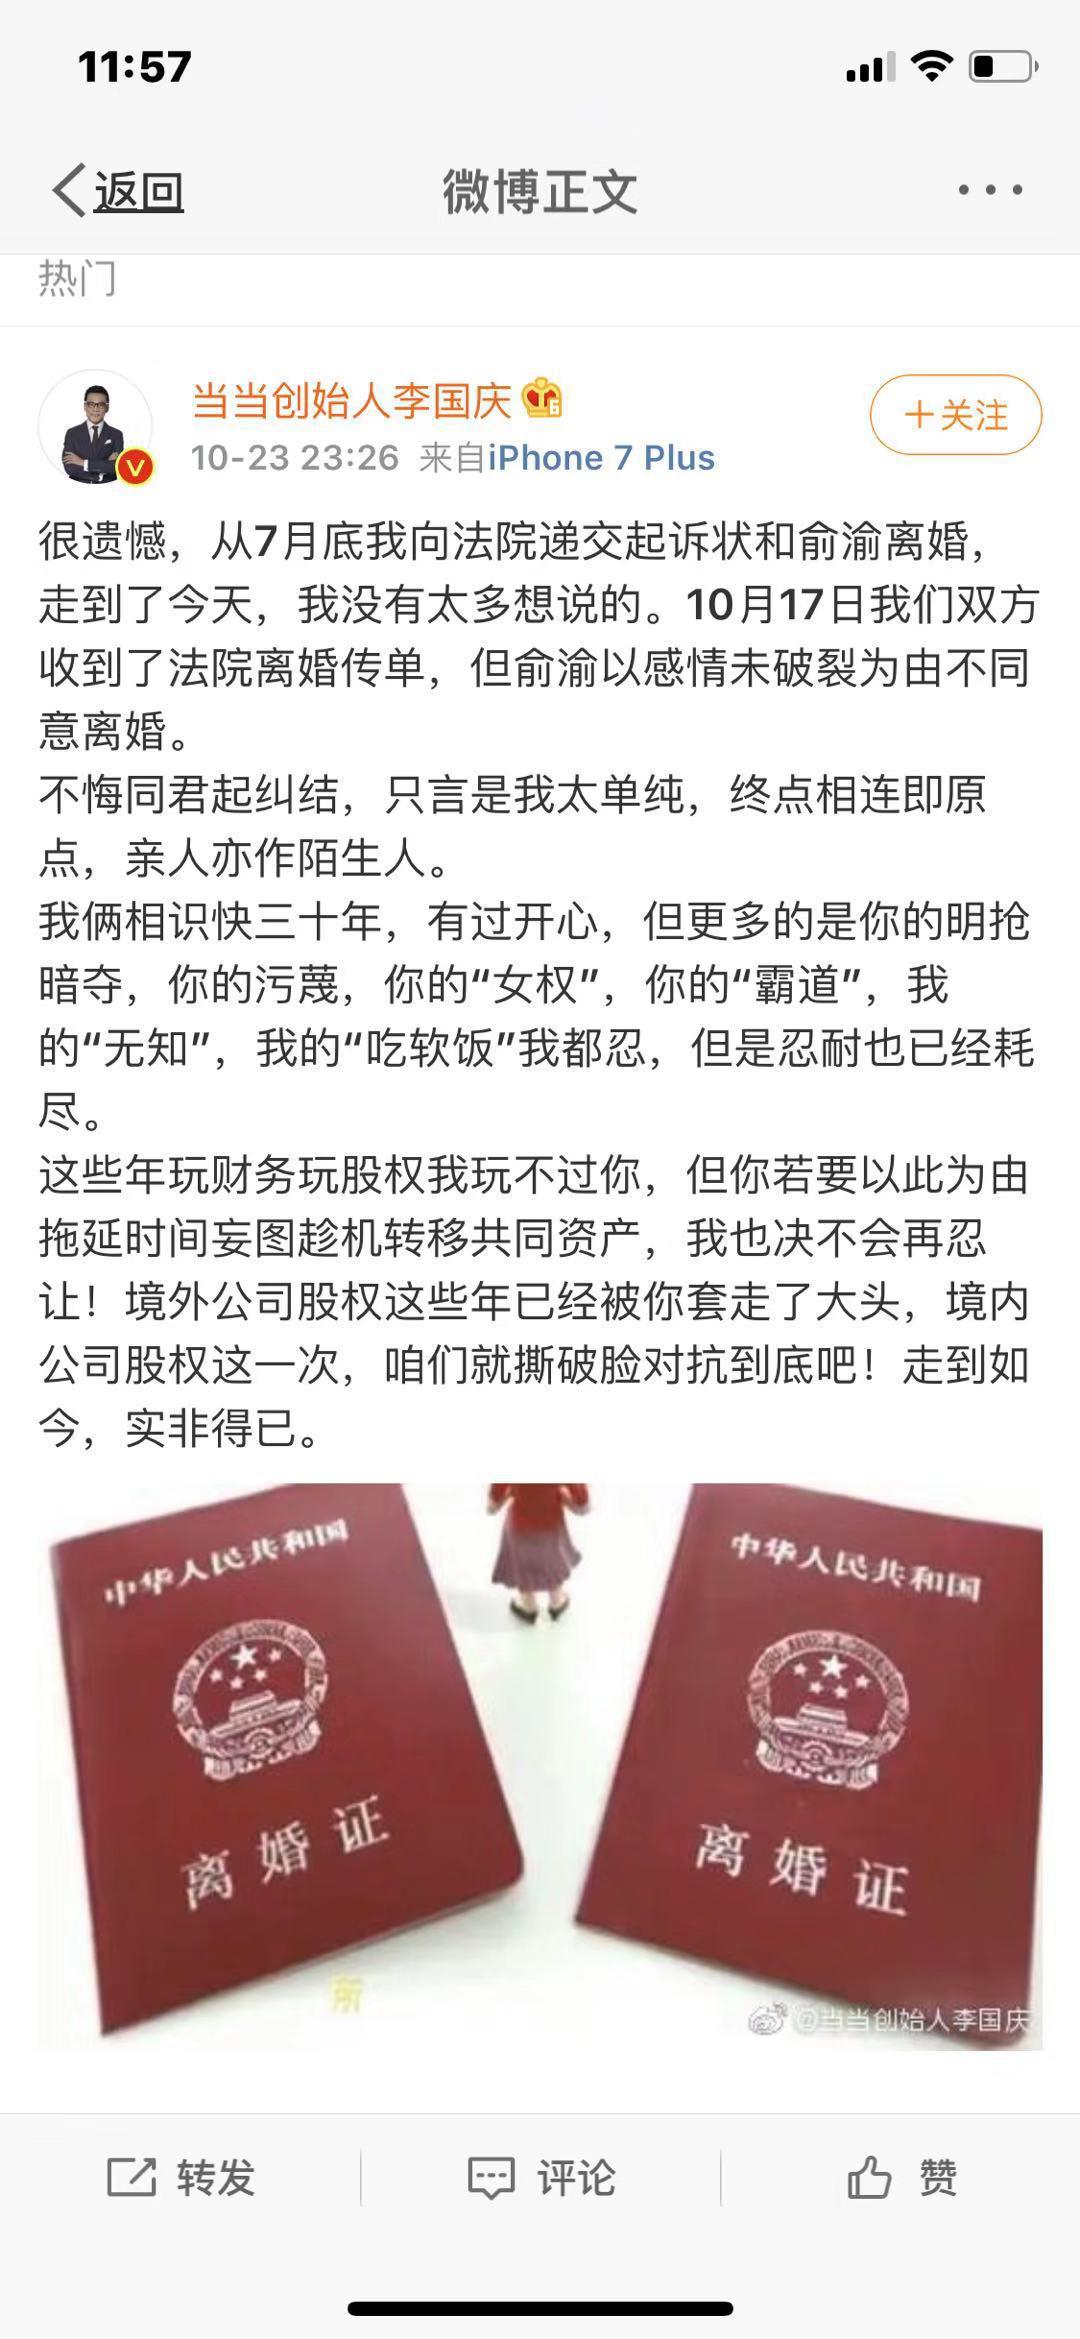 """俞渝李国庆深夜互撕 当当对外未发声 """"马铭泽""""是谁"""